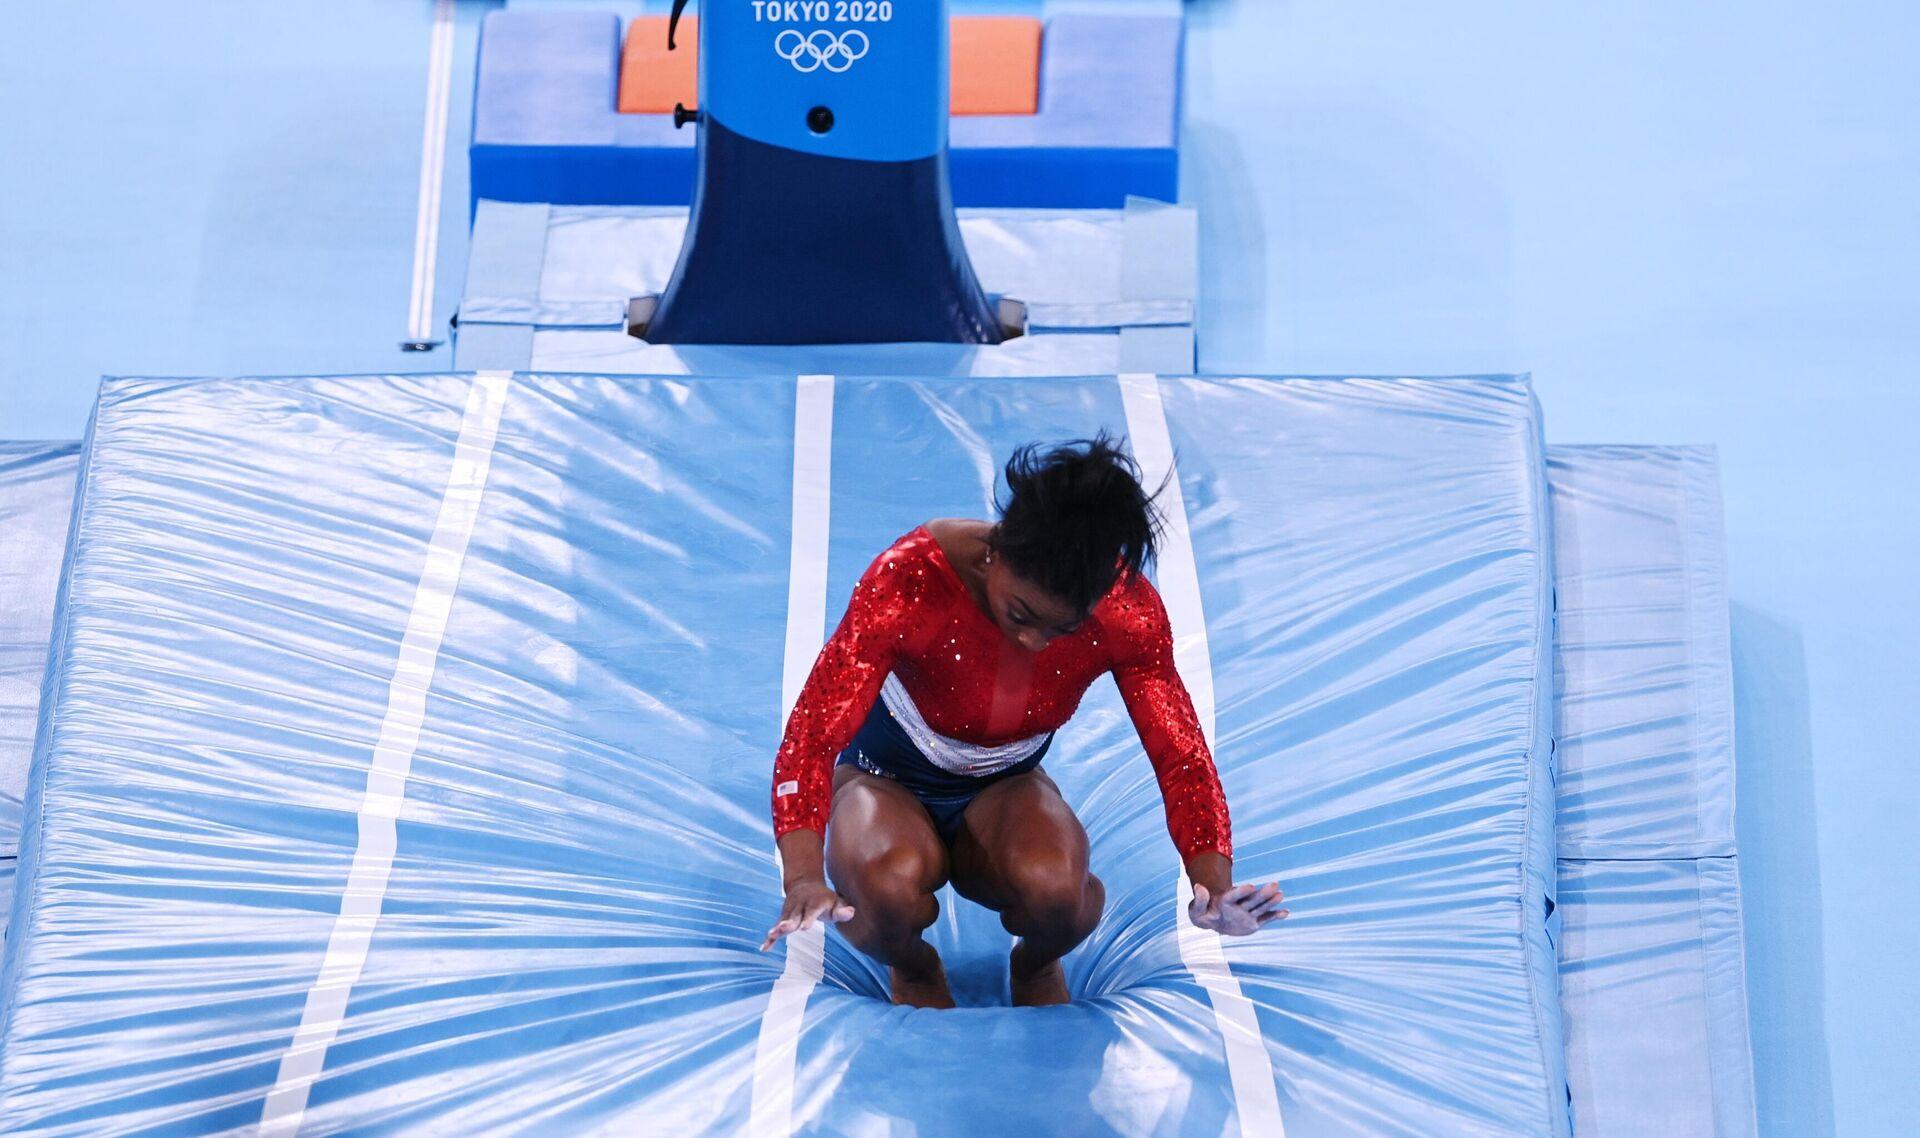 Симона Байлз (США) выполняет опорный прыжок в командном многоборье среди женщин на соревнованиях по спортивной гимнастике на XXXII летних Олимпийских играх в Токио. - РИА Новости, 1920, 28.07.2021